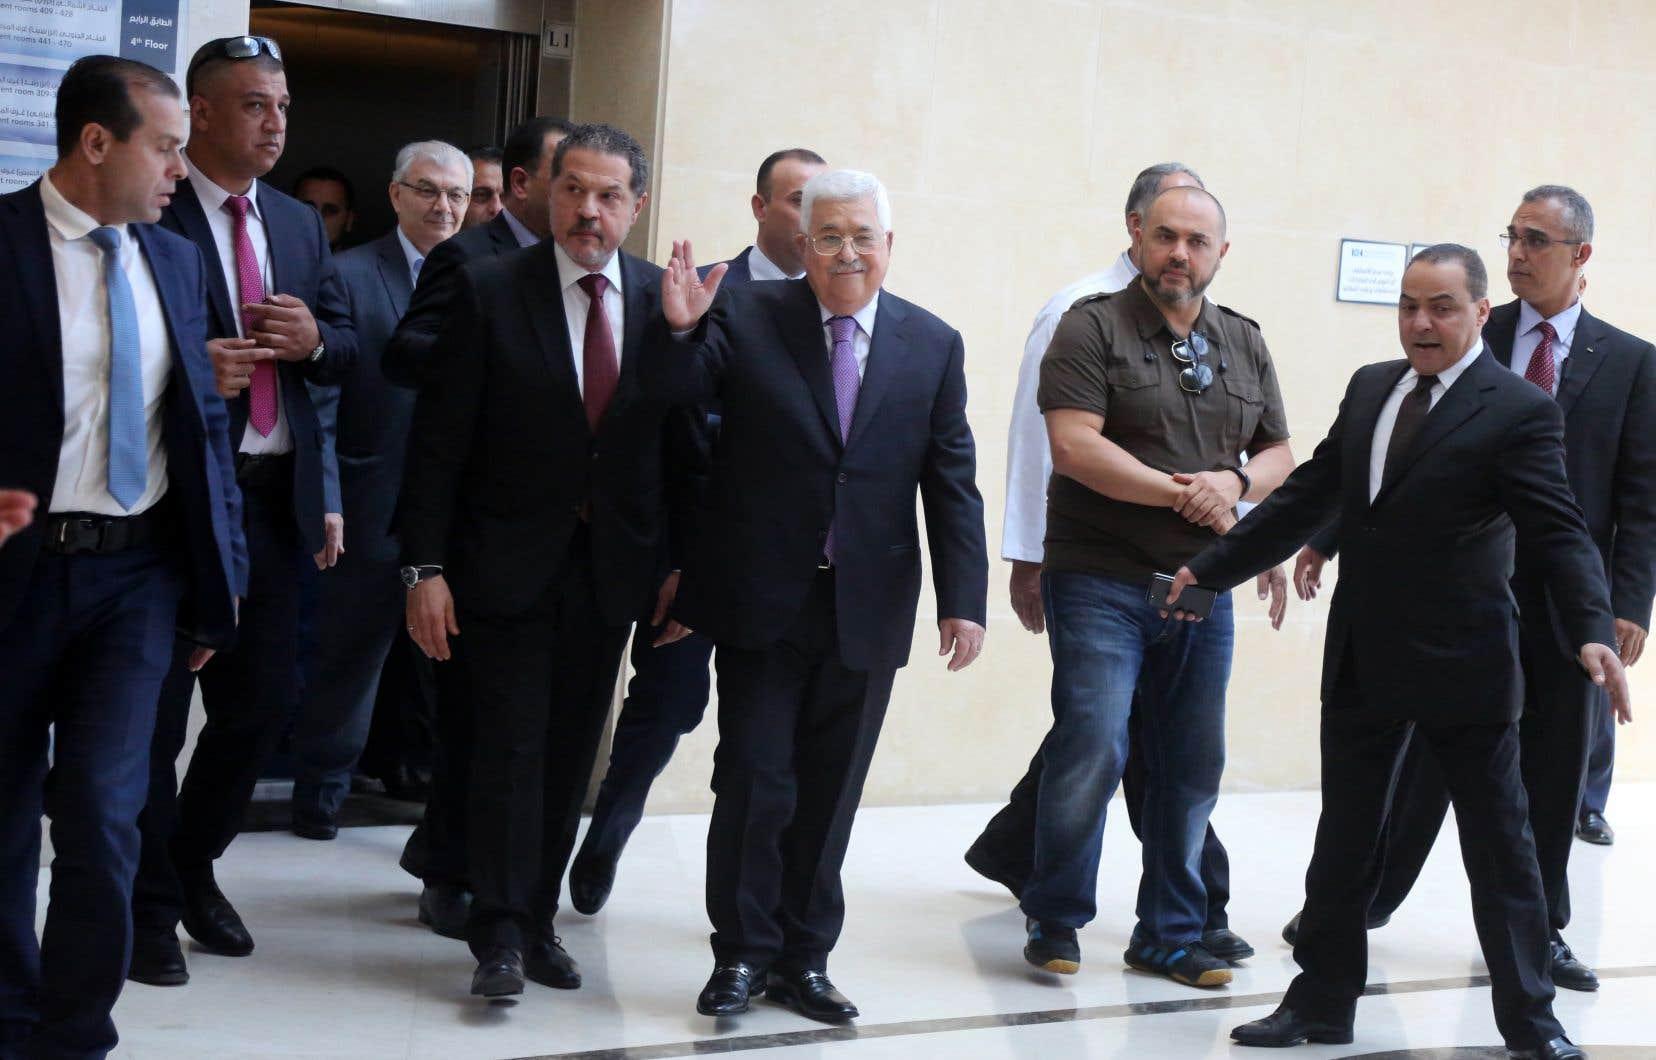 M. Abbas, 83 ans, est sorti à pied de l'hôpital où il était soigné pour une pneumonie selon la présidence